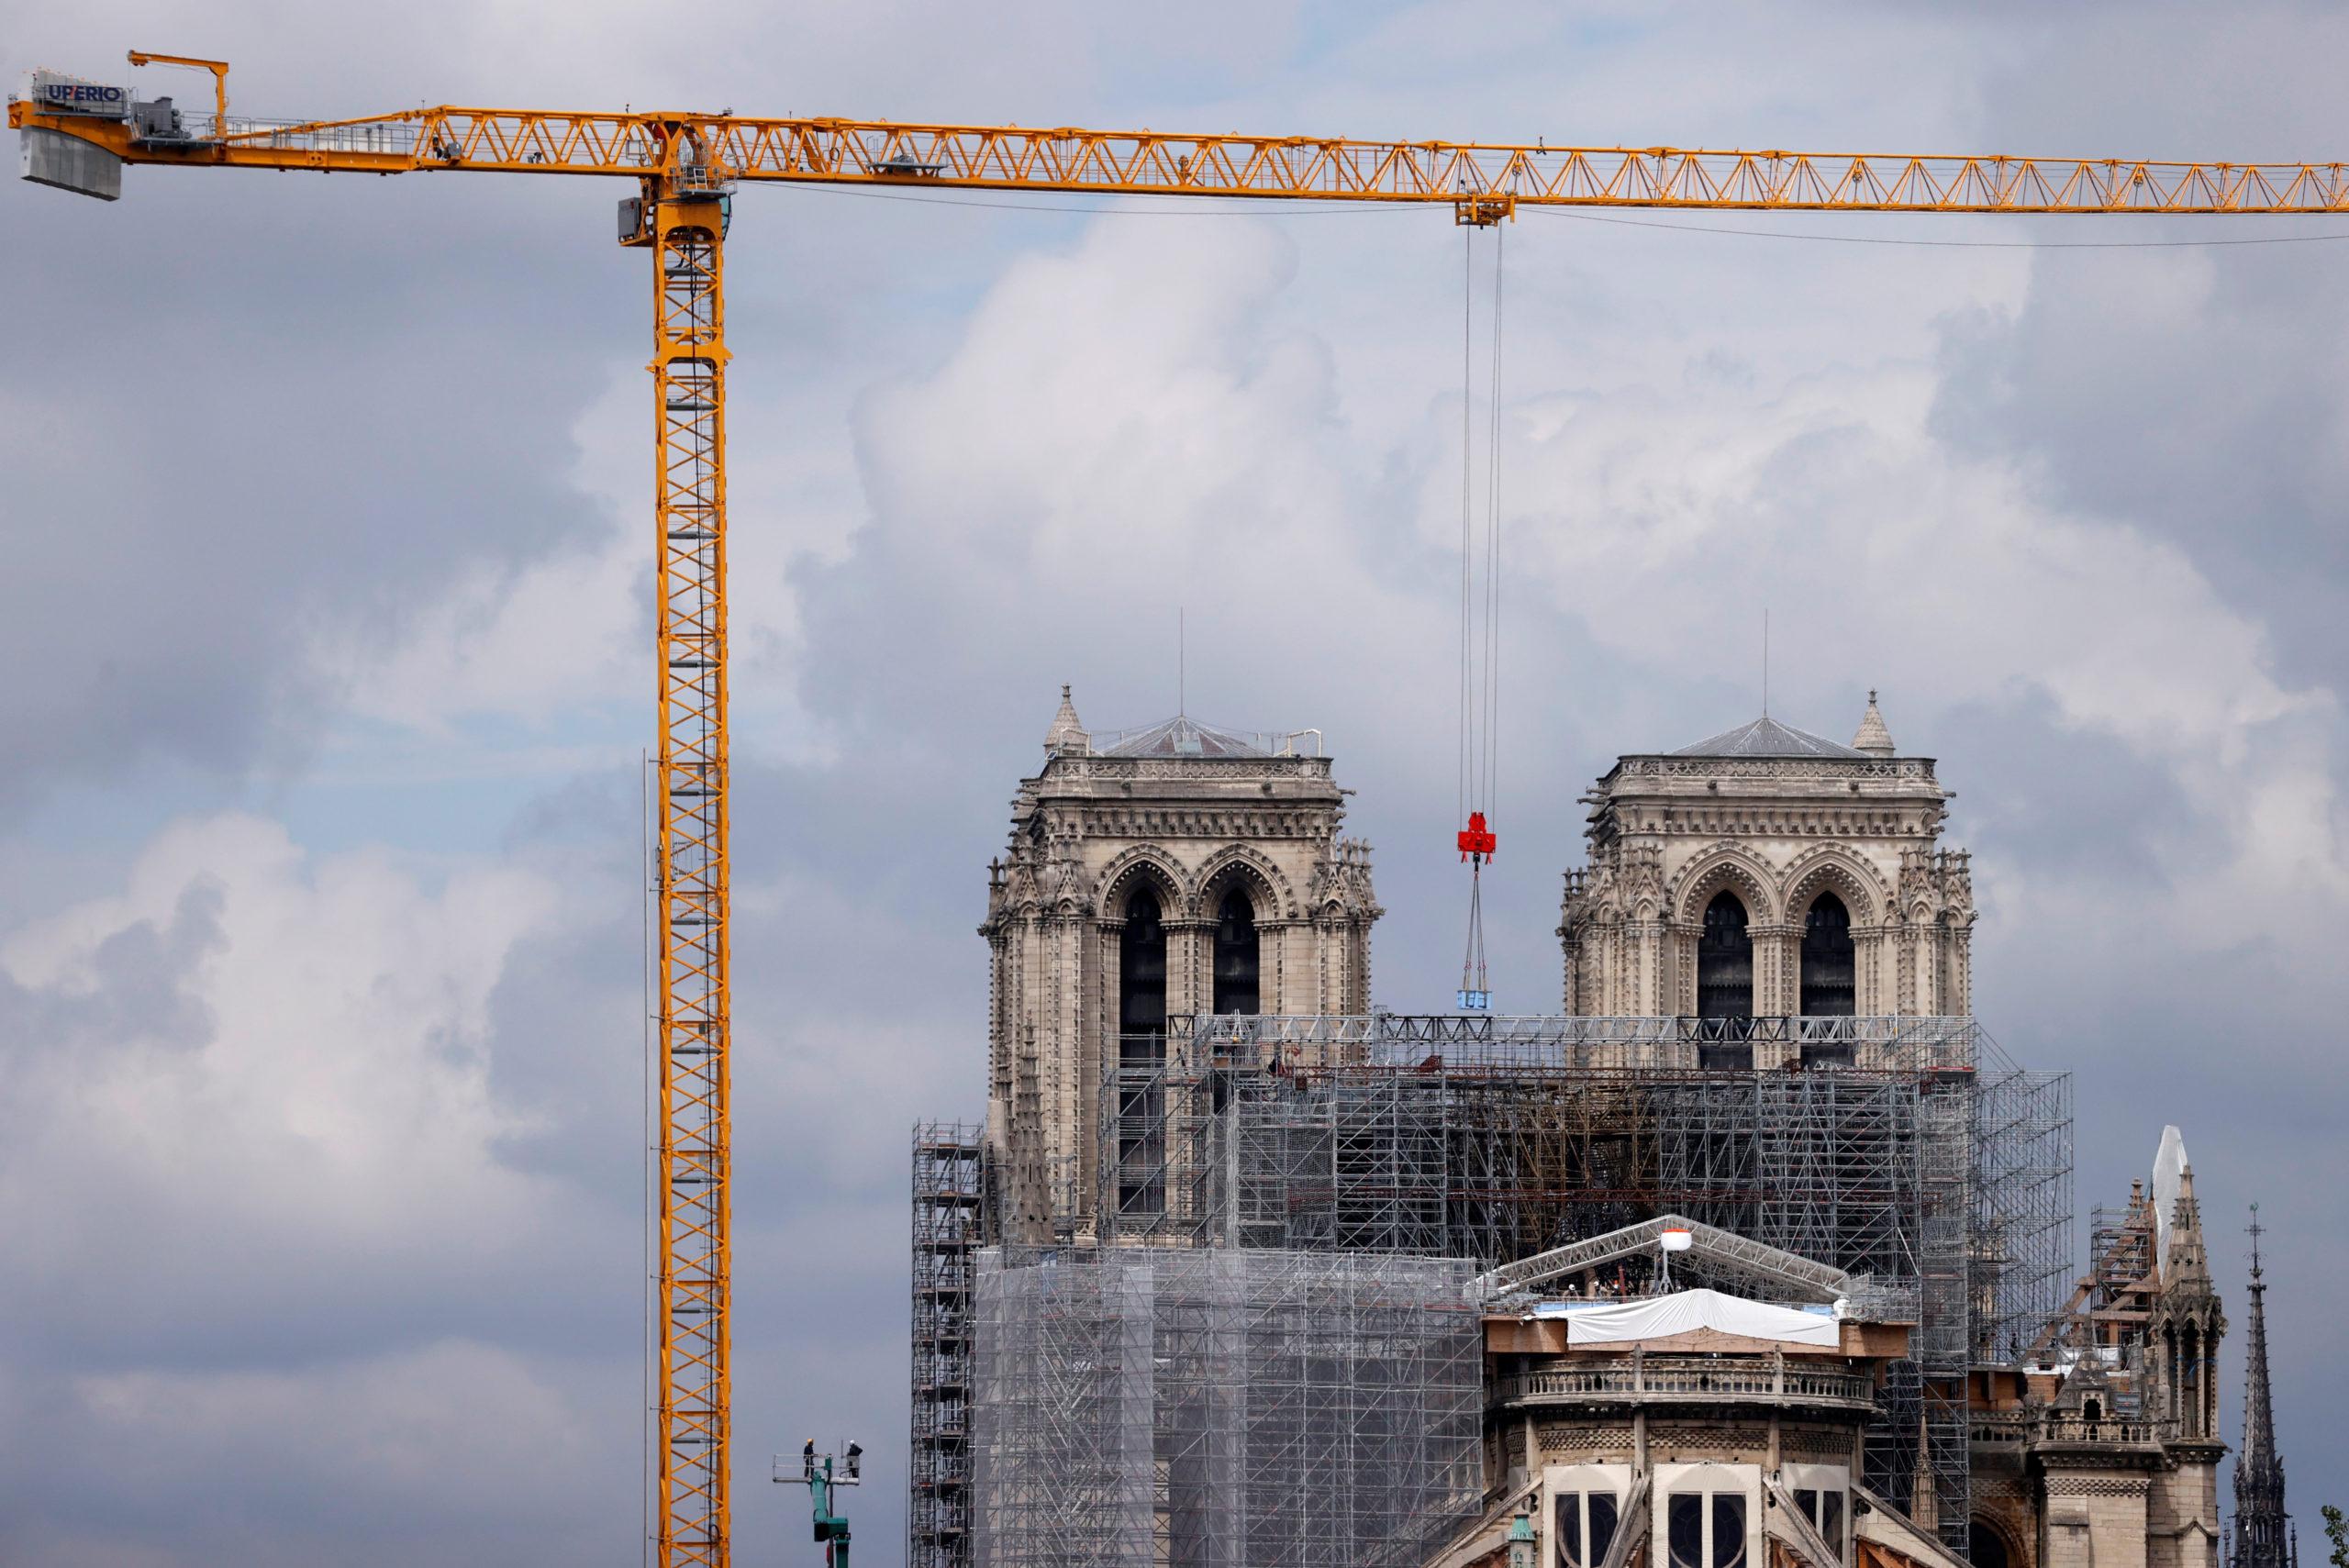 Les ouvriers à l'oeuvre à Notre-Dame de Paris ont entamé lundi la phase de découpage de l'échafaudage détruit par l'incendie, une étape aussi délicate que décisive pour le sauvetage de la cathédrale. /Photo prise le 8 juin 2020/REUTERS/Christian Hartmann